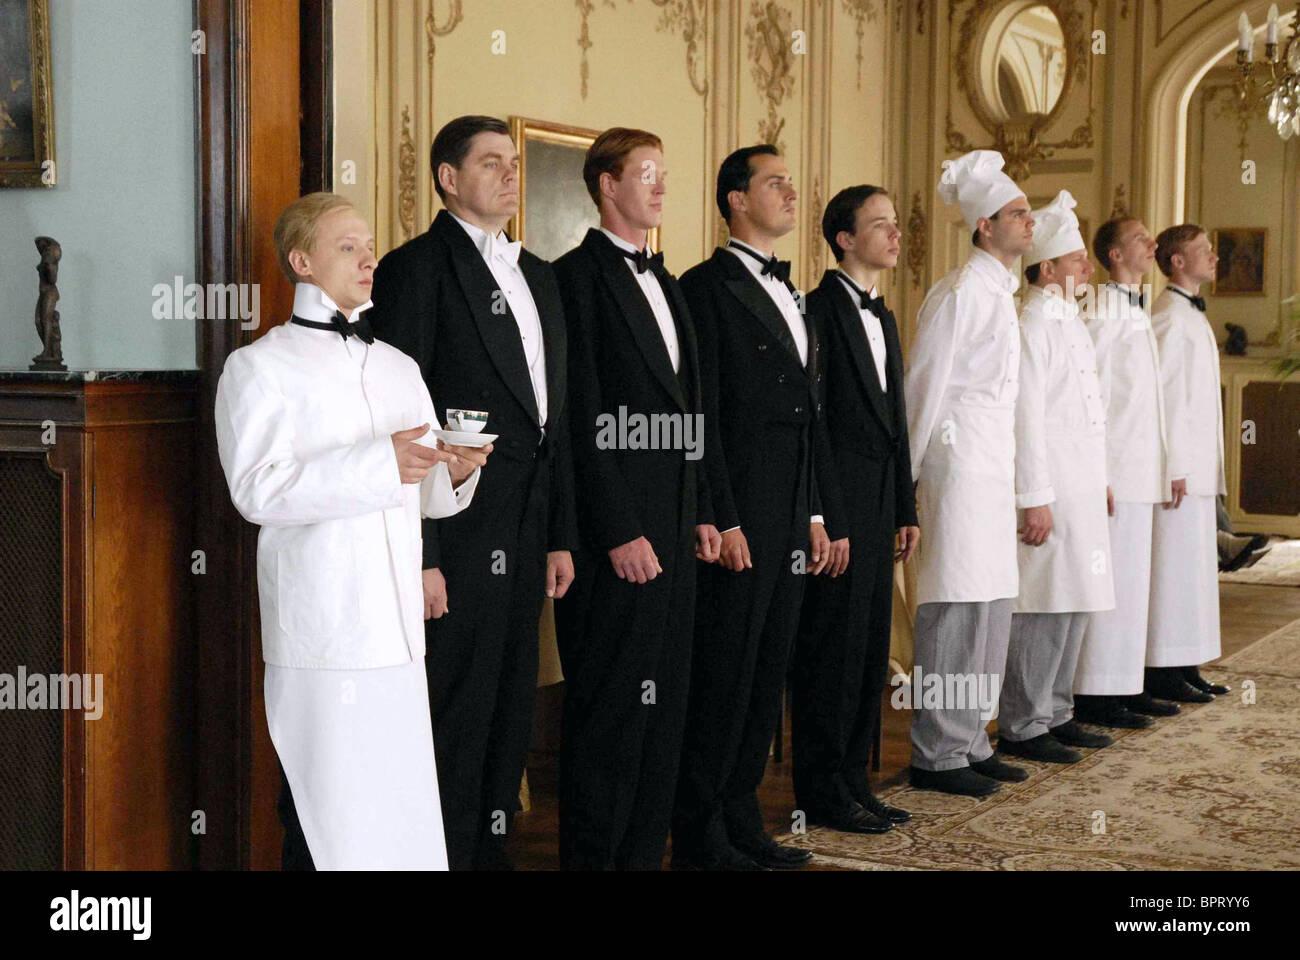 IVAN BARNEV I SERVED THE KING OF ENGLAND (2006) - Stock Image